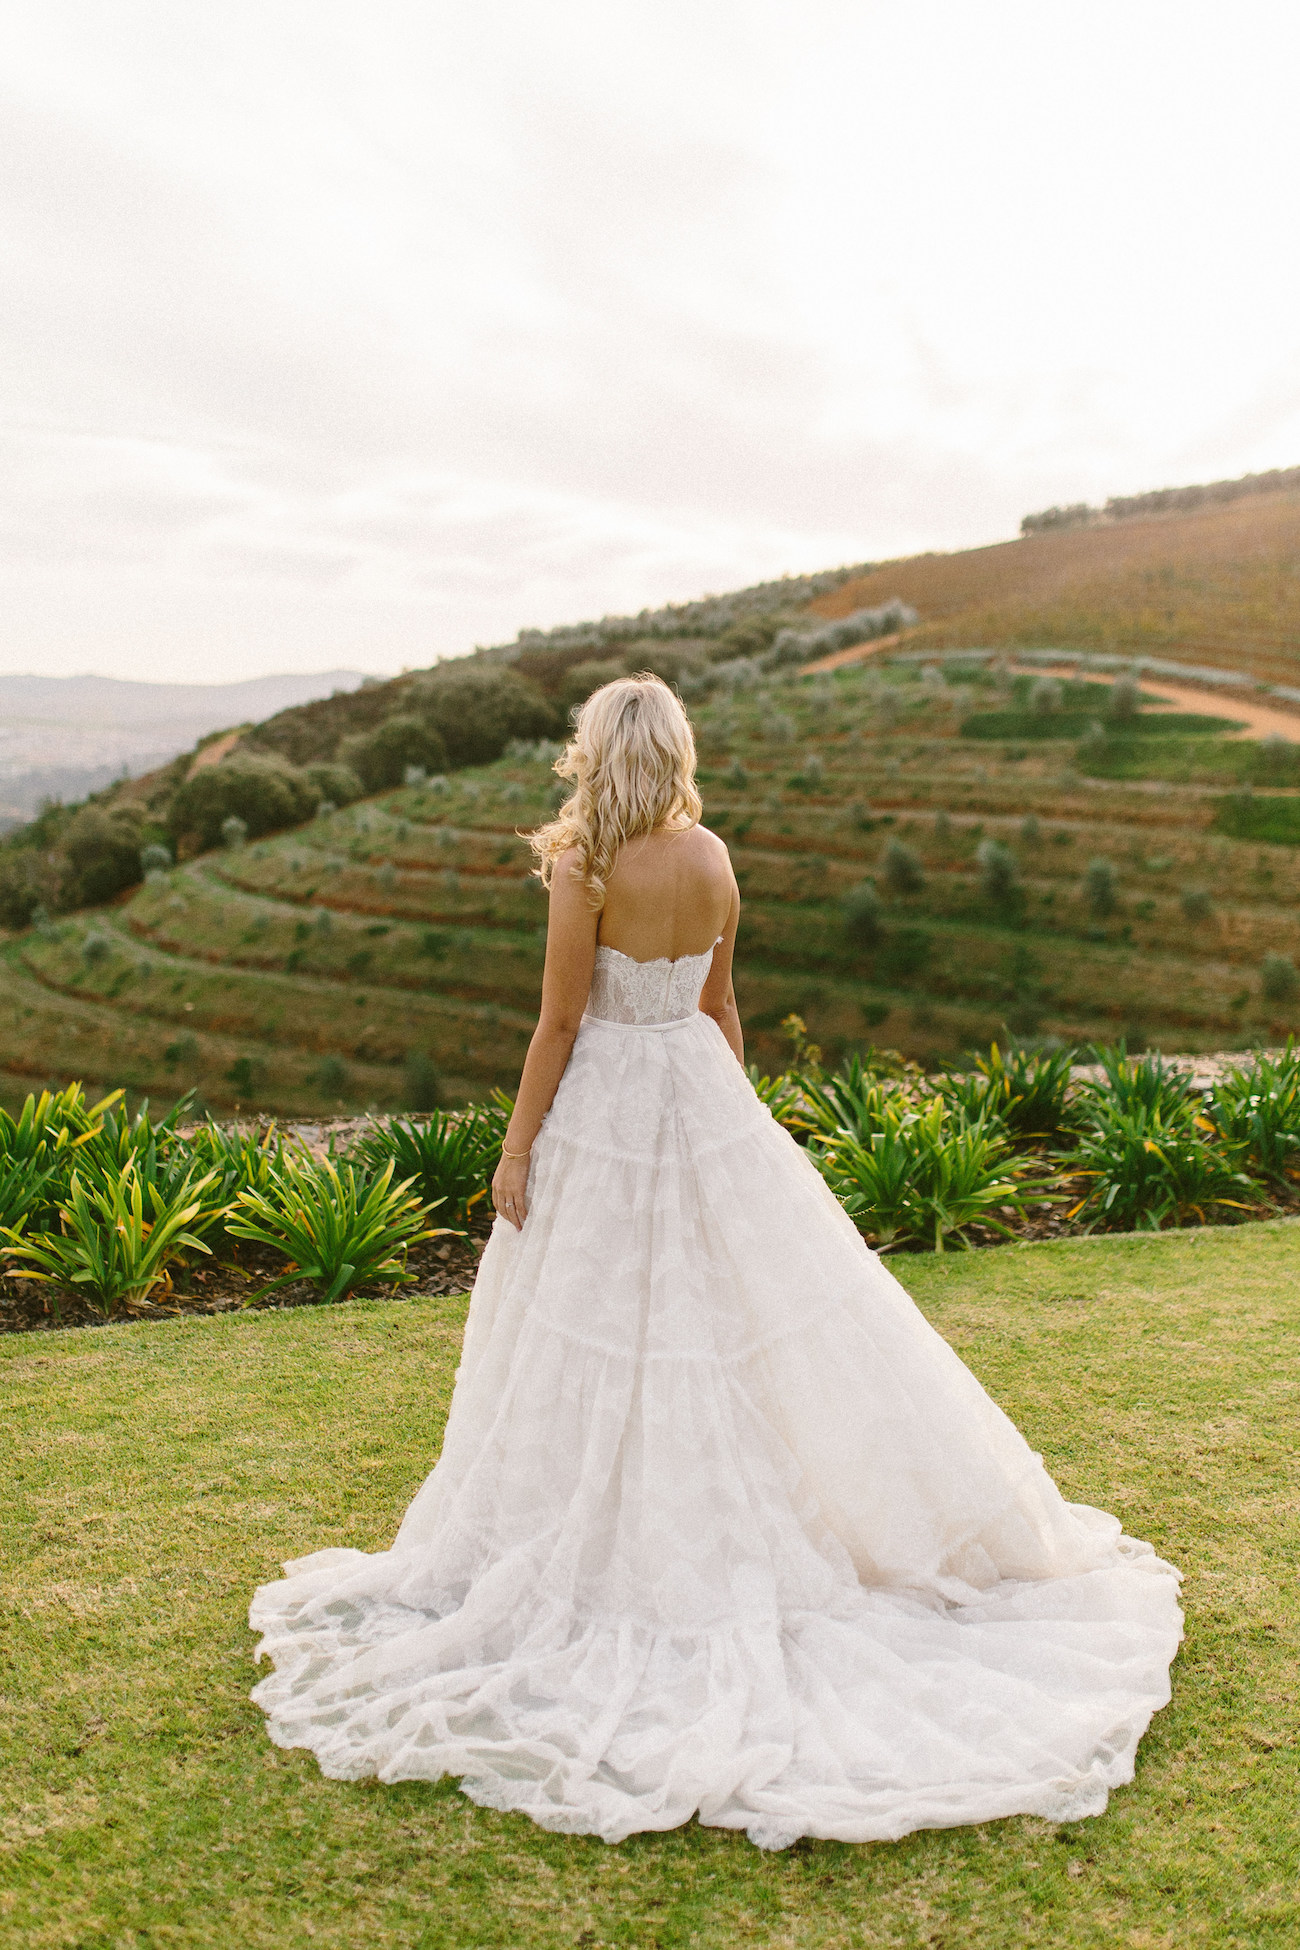 Картинки блондинок в свадебных платьях